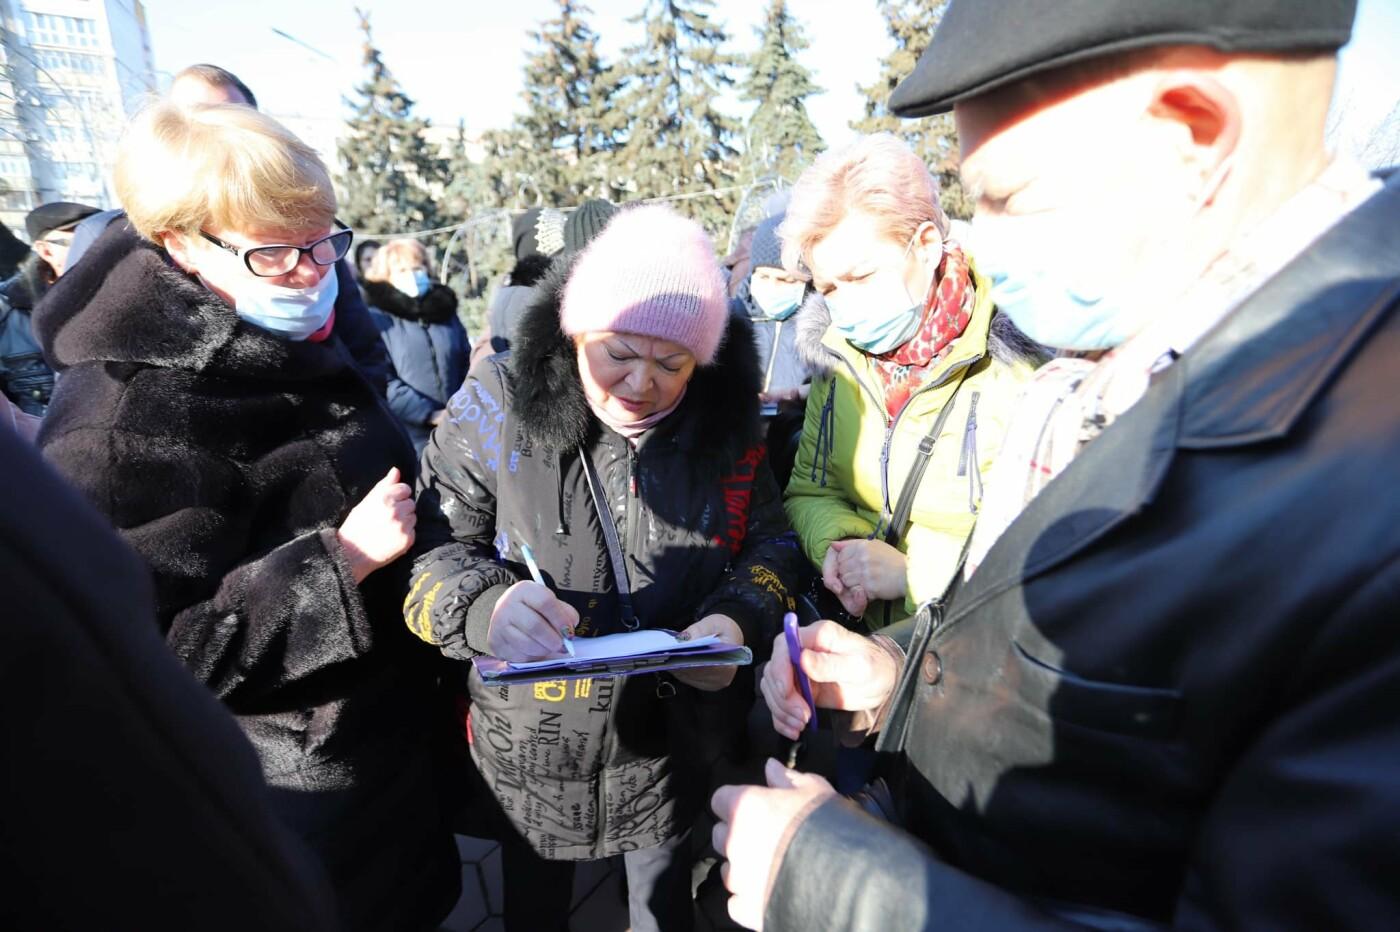 В Черноморске прошла акция протеста против повышения коммунальных тарифов, фото-3